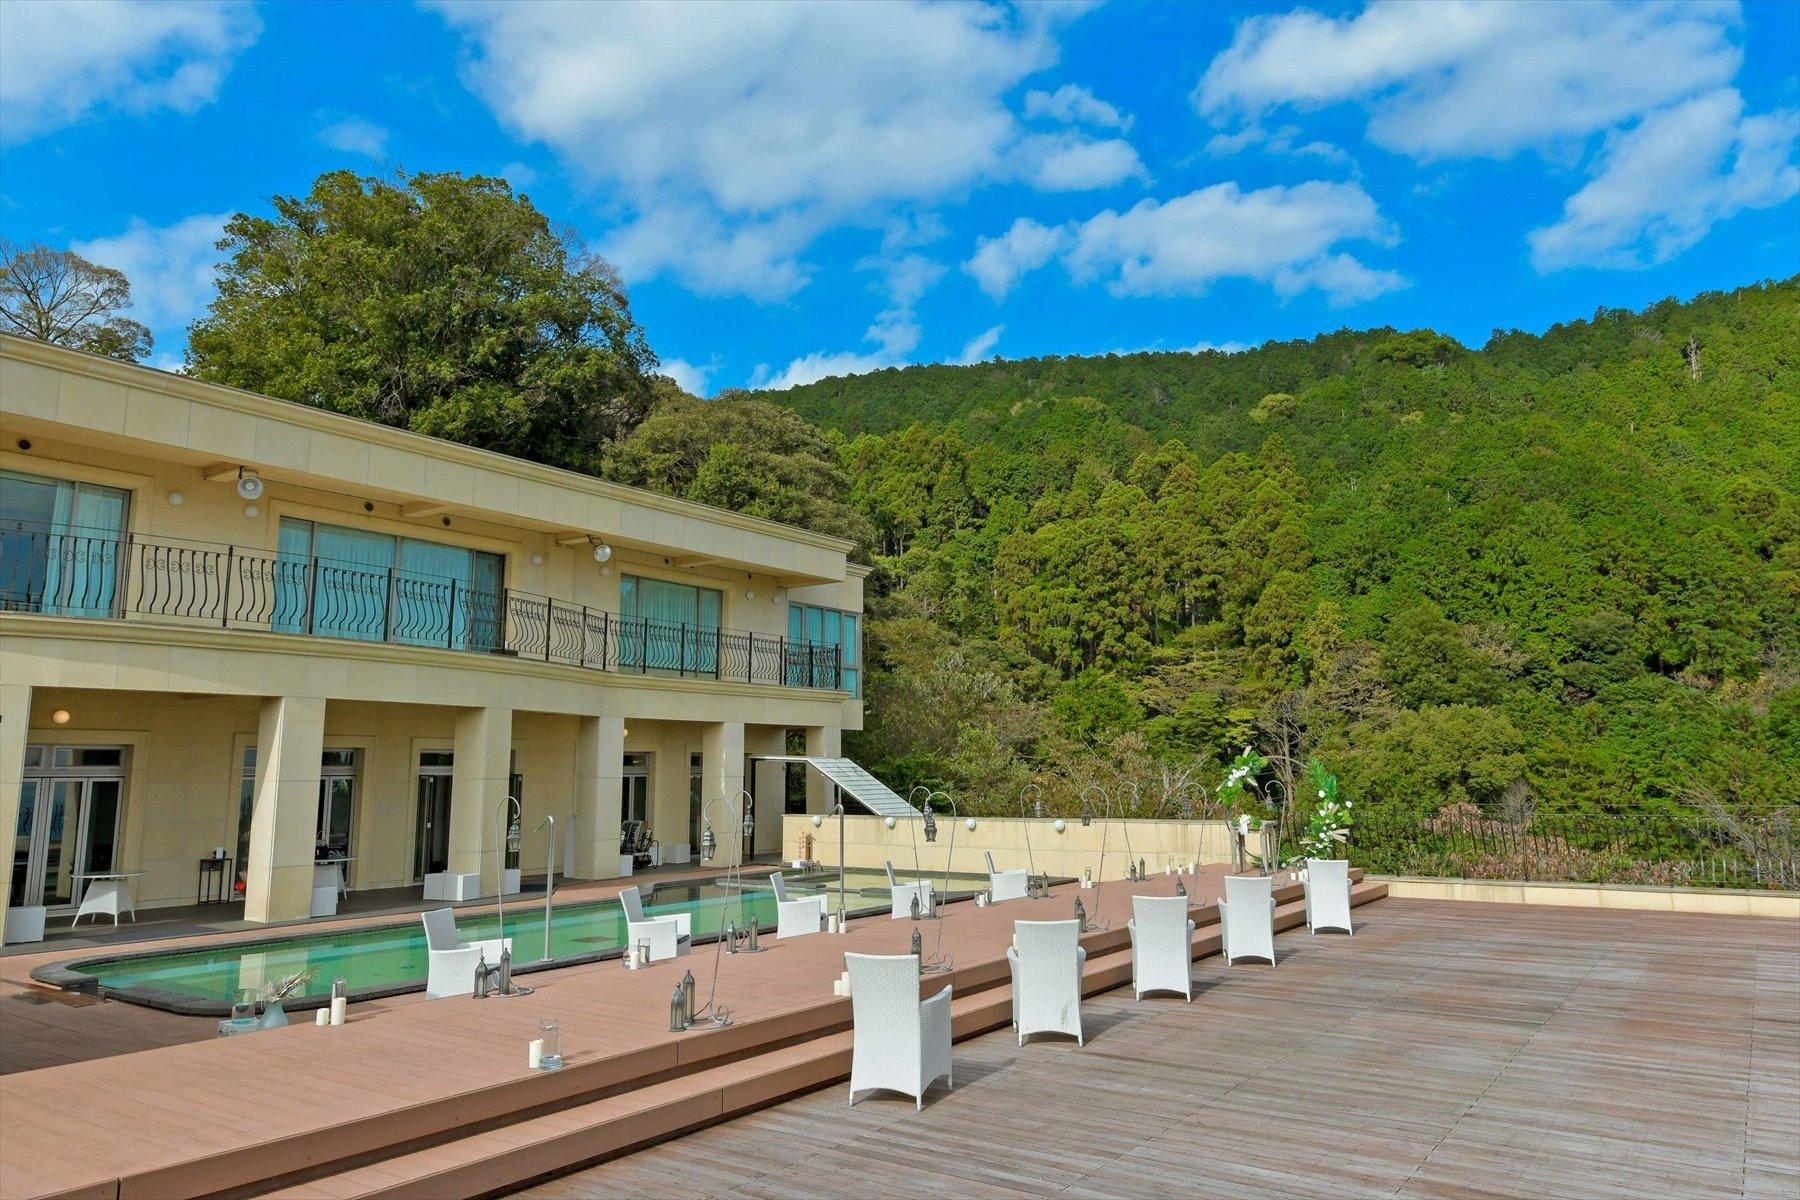 静岡県結婚式会場全景 静岡邸宅貸切結婚式 邸宅ウェディング